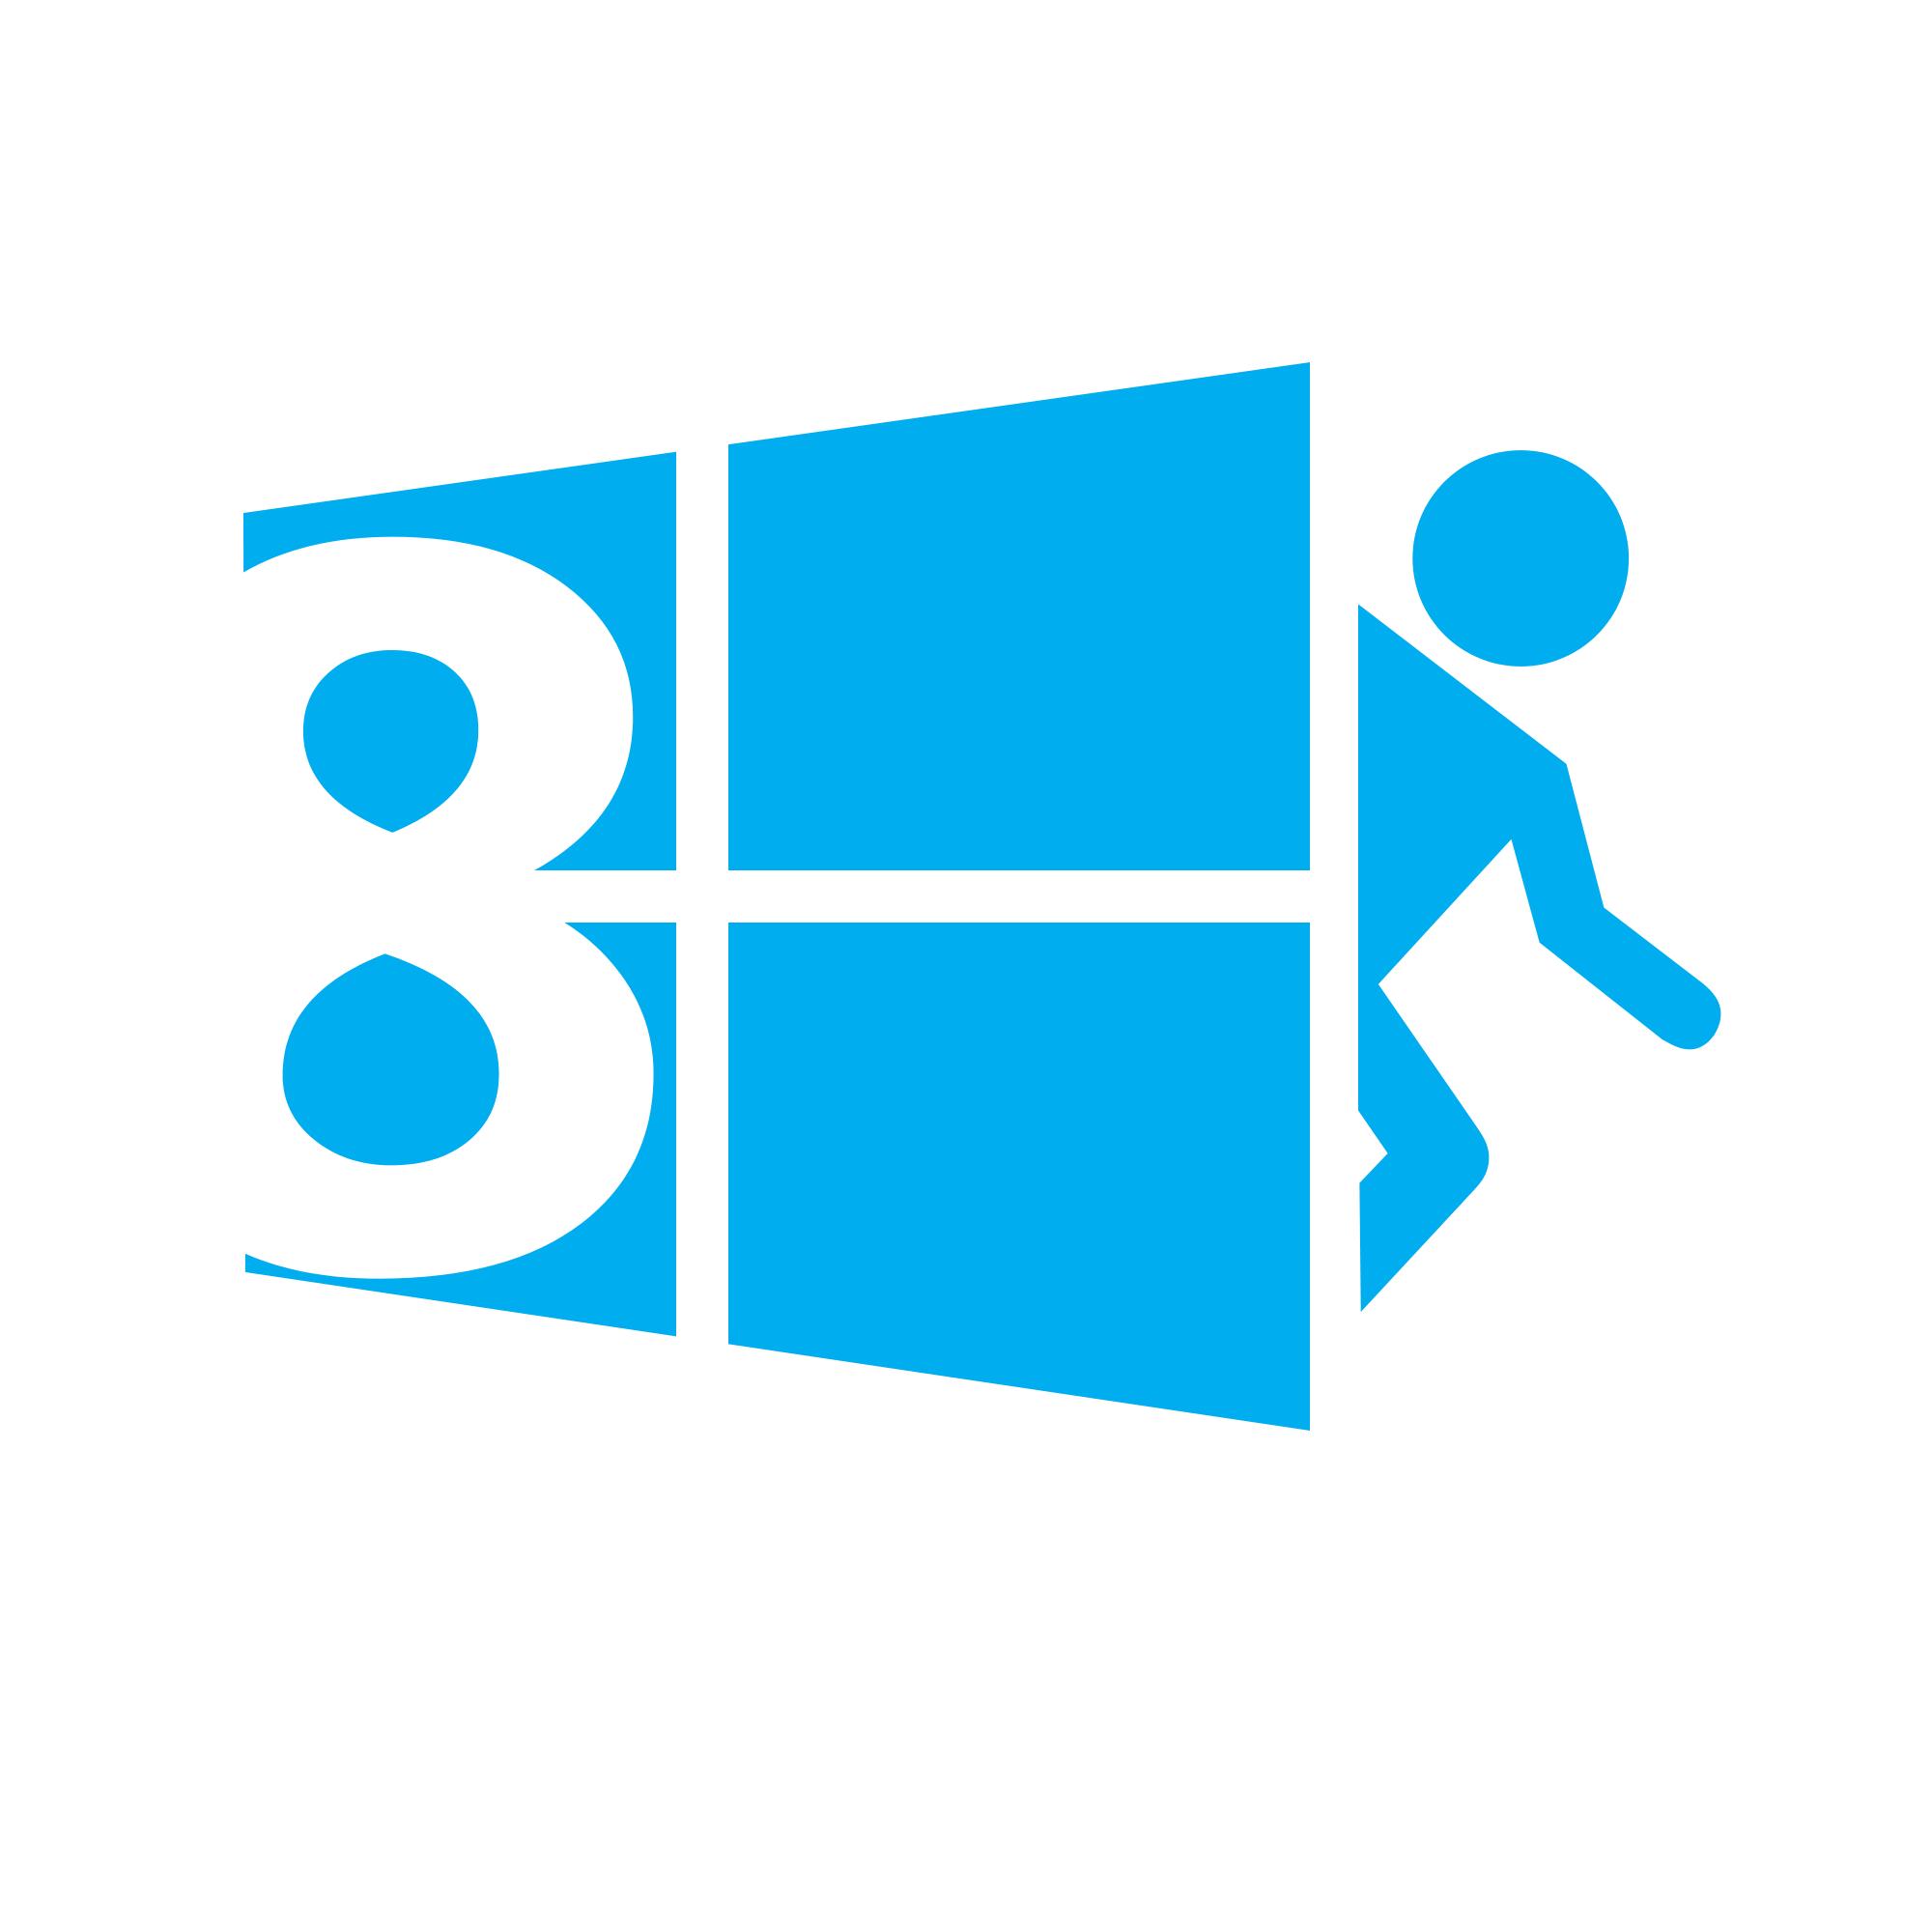 Windows 8 üzerine hyper-v kurulumu (video anlatım)